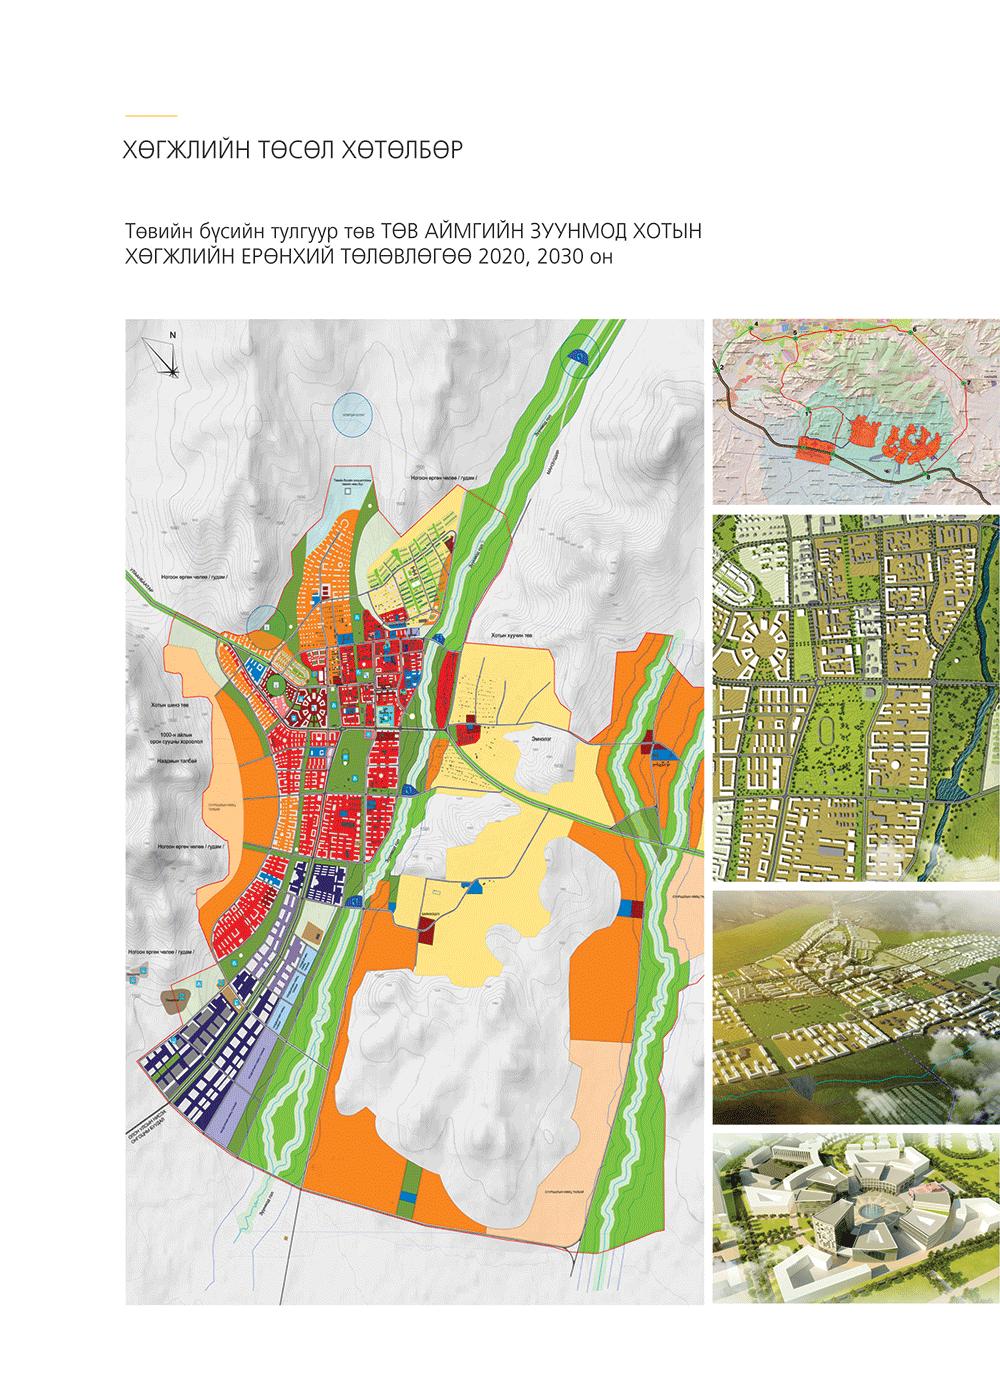 Төв аймгийн Зуунмод хотын хөгжлийн ерөнхий төлөвлөгөө